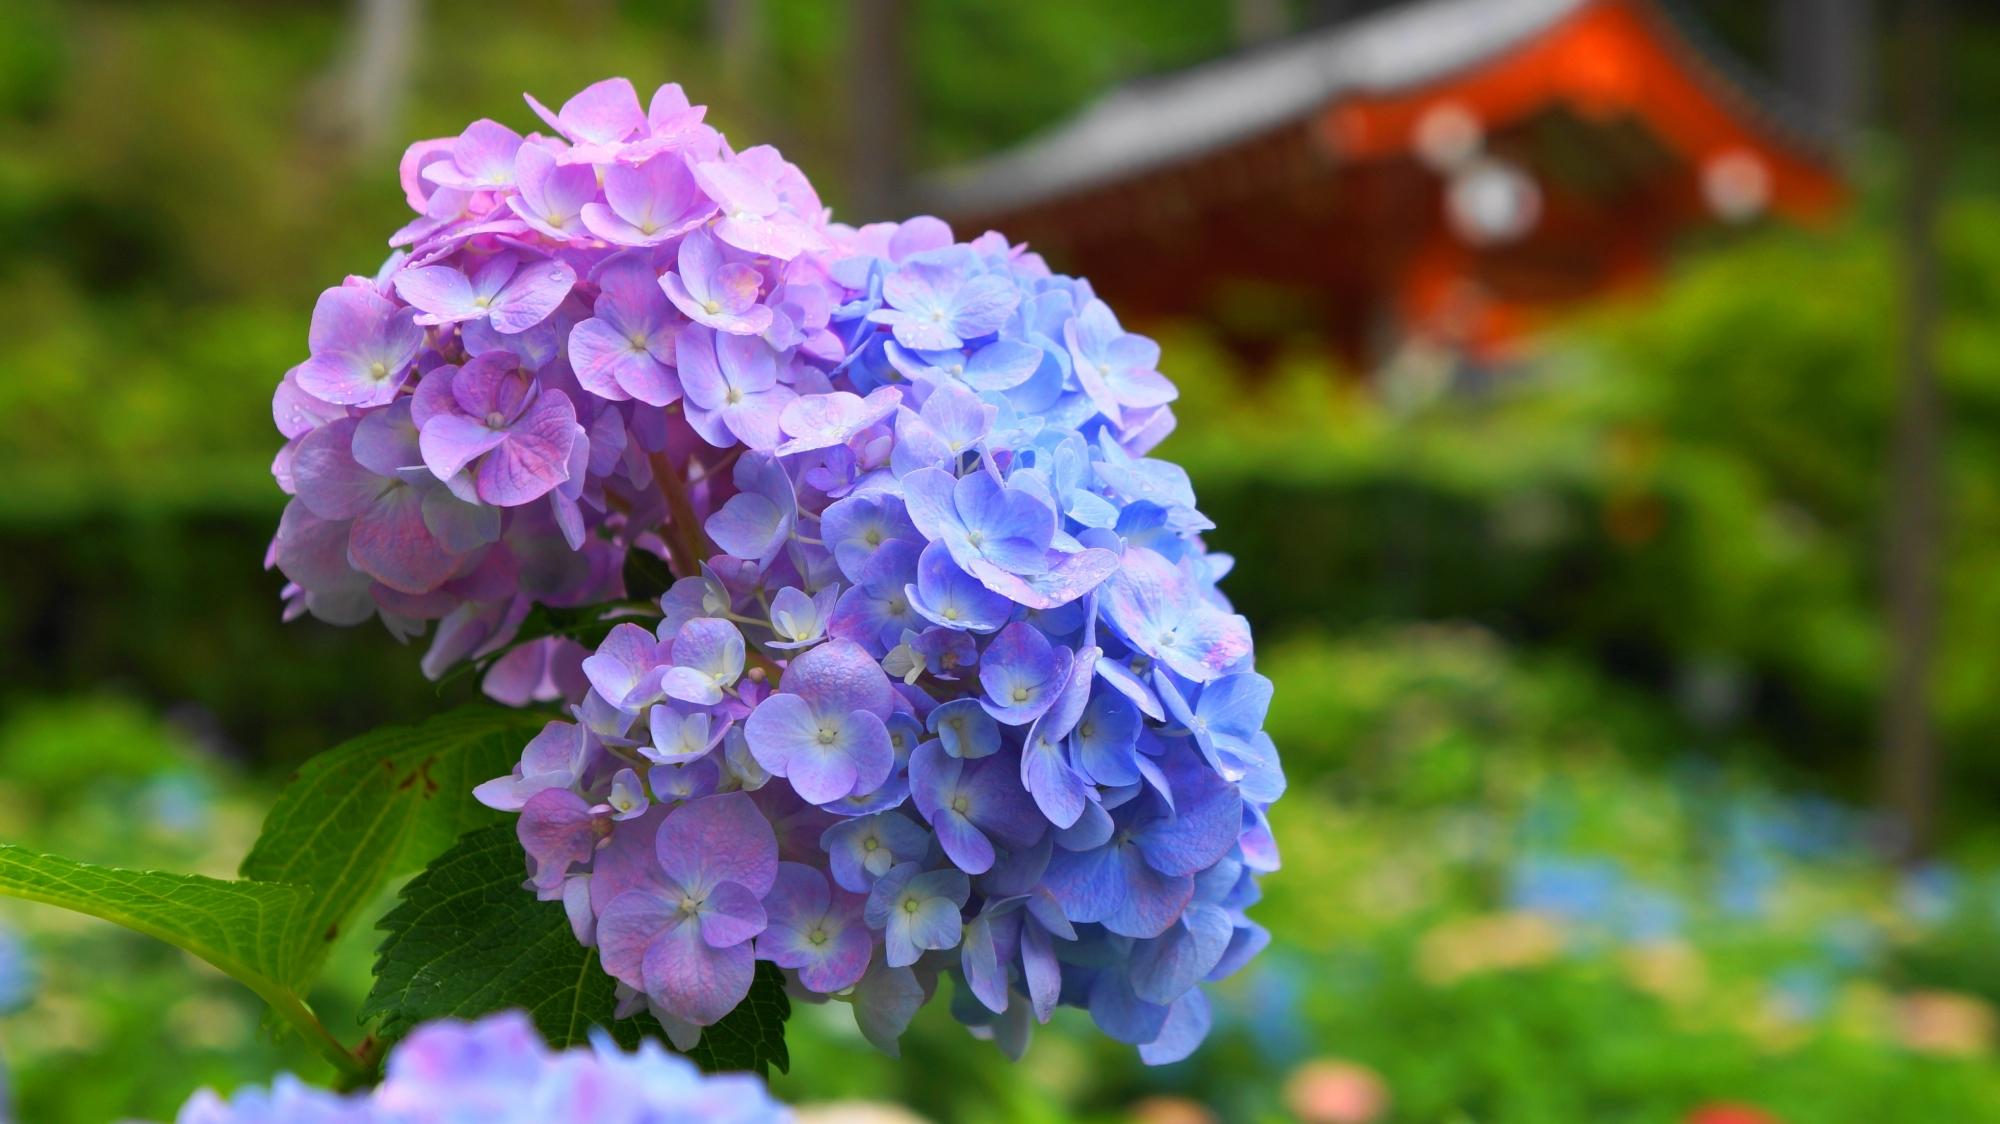 朱色の山門を背景にした薄い紫と水色の2色の紫陽花